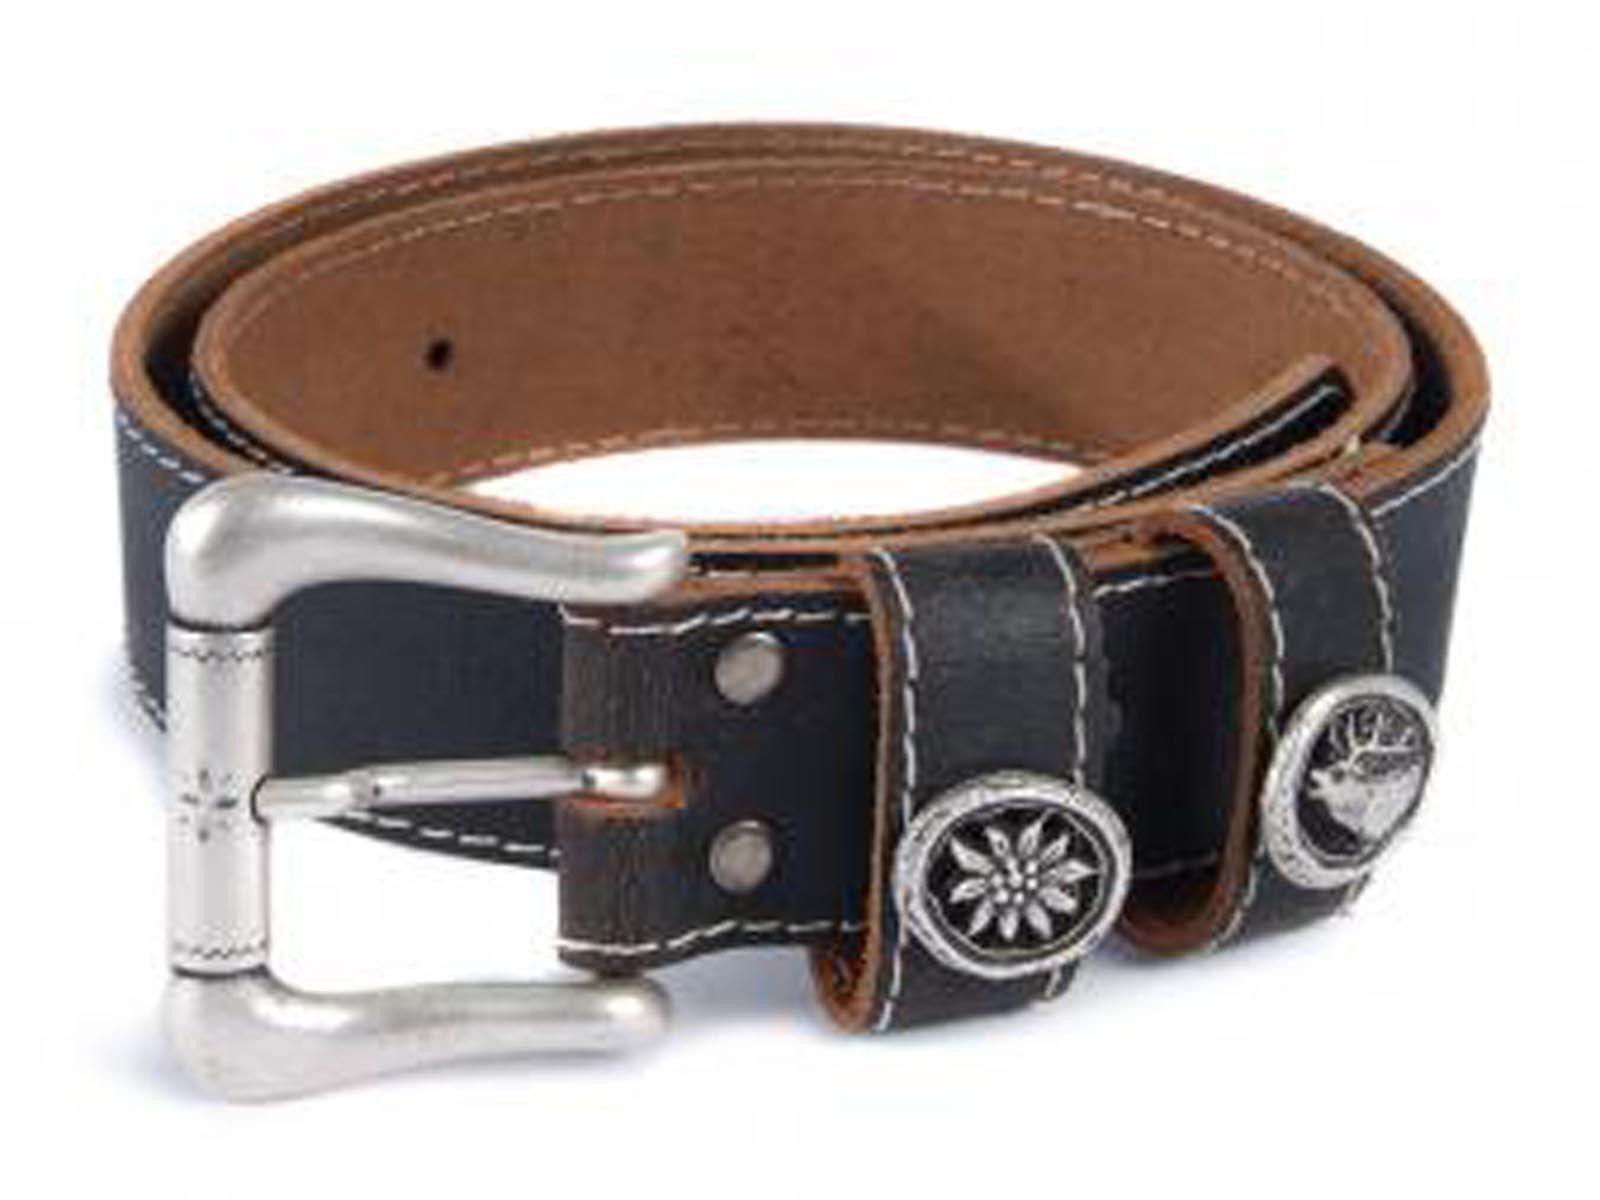 Costume Belt Edelweiss Hirsch Leather Belt 90-120cm NEW